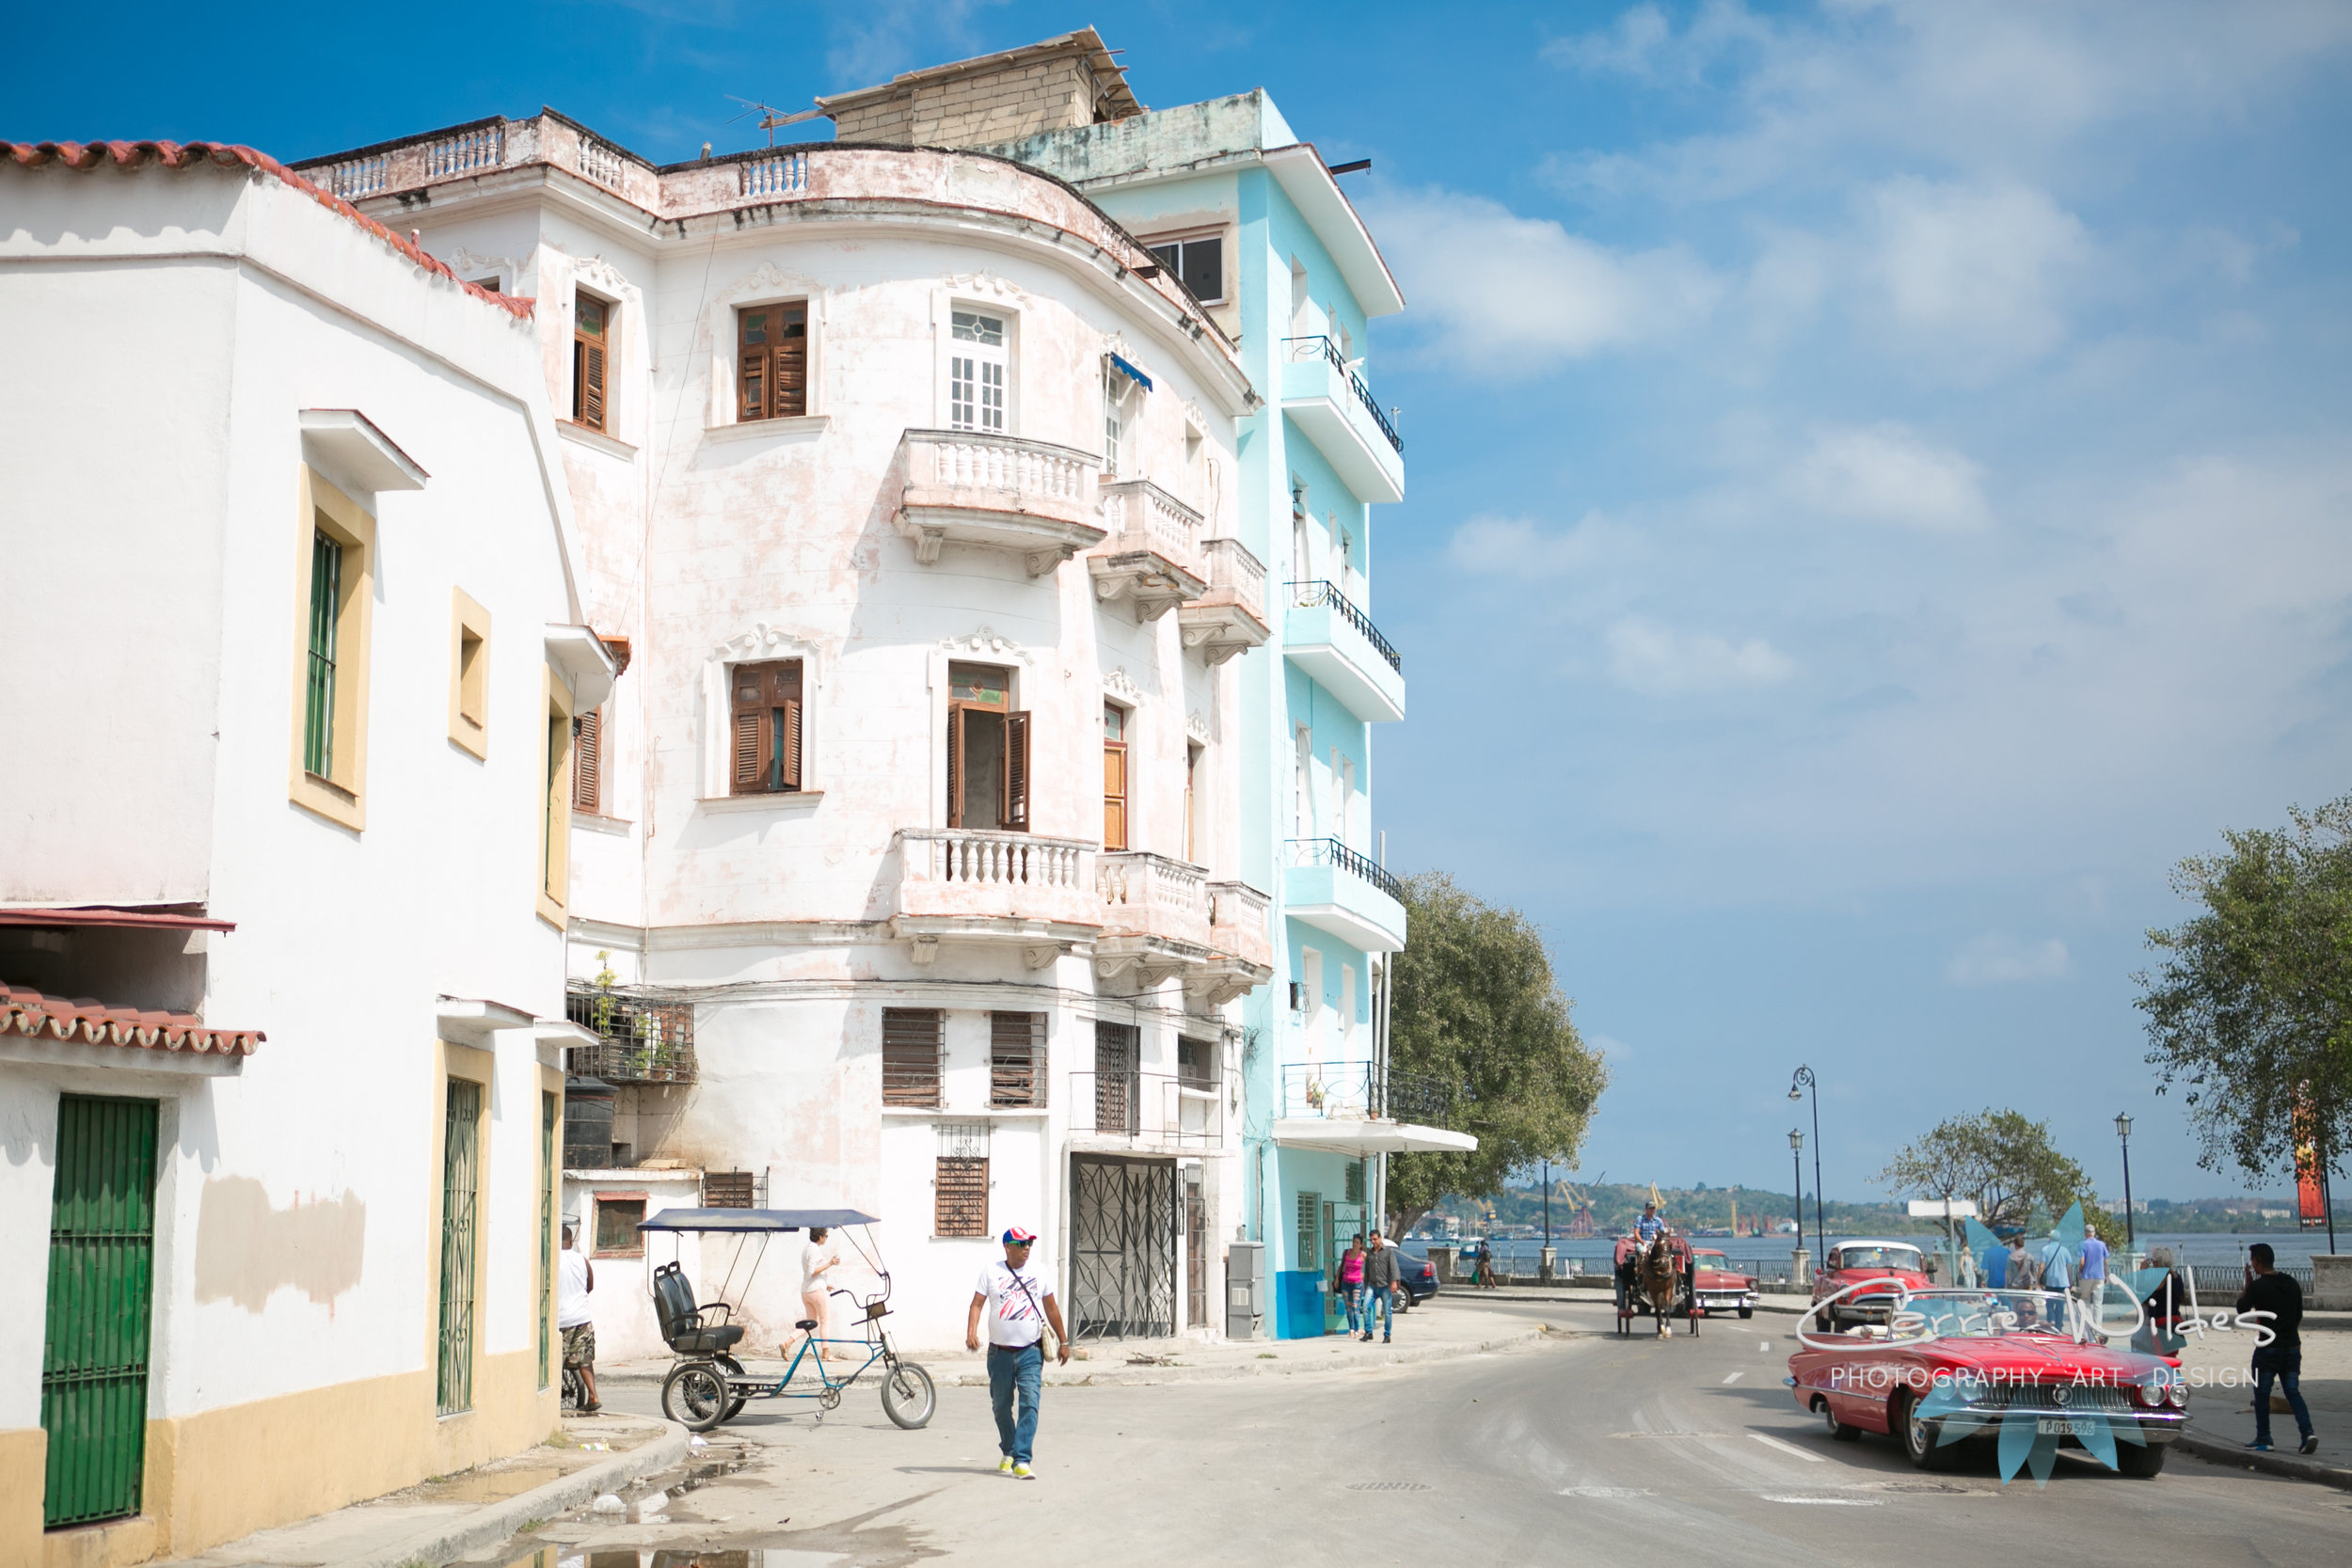 Havana Cuba 027.jpg